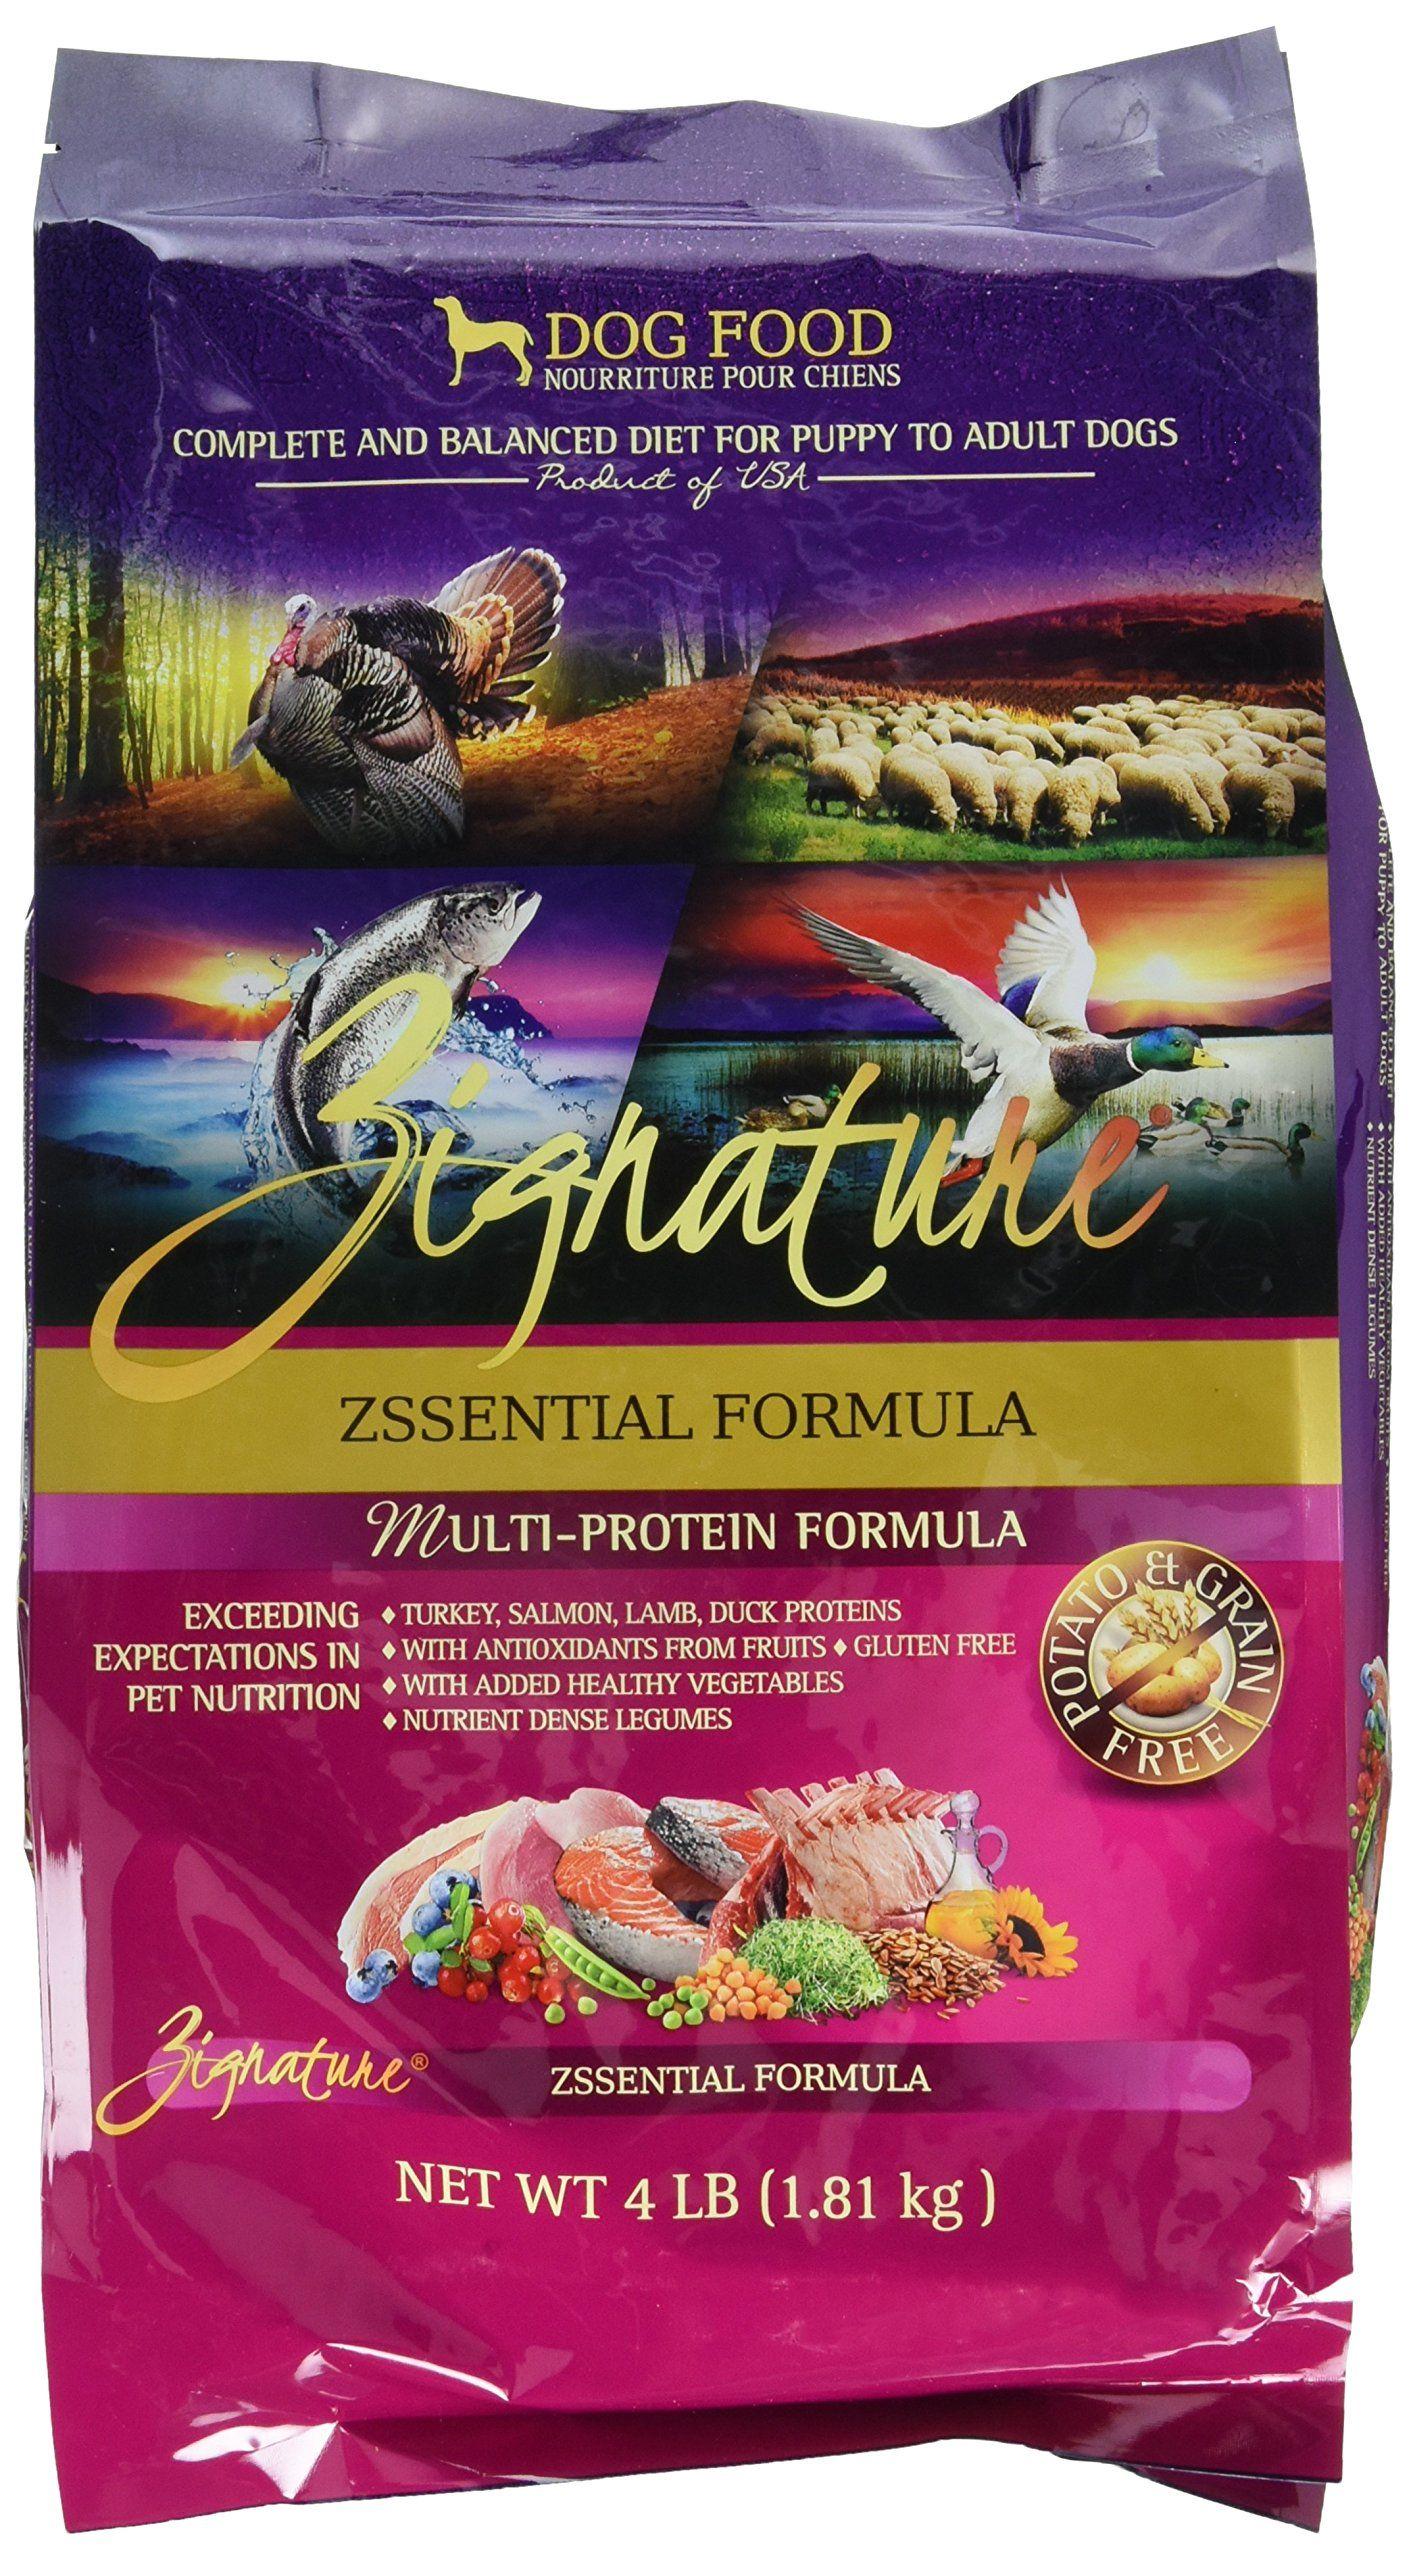 Zignature Zssential Formula Dog Food 4 Lb Click On The Image